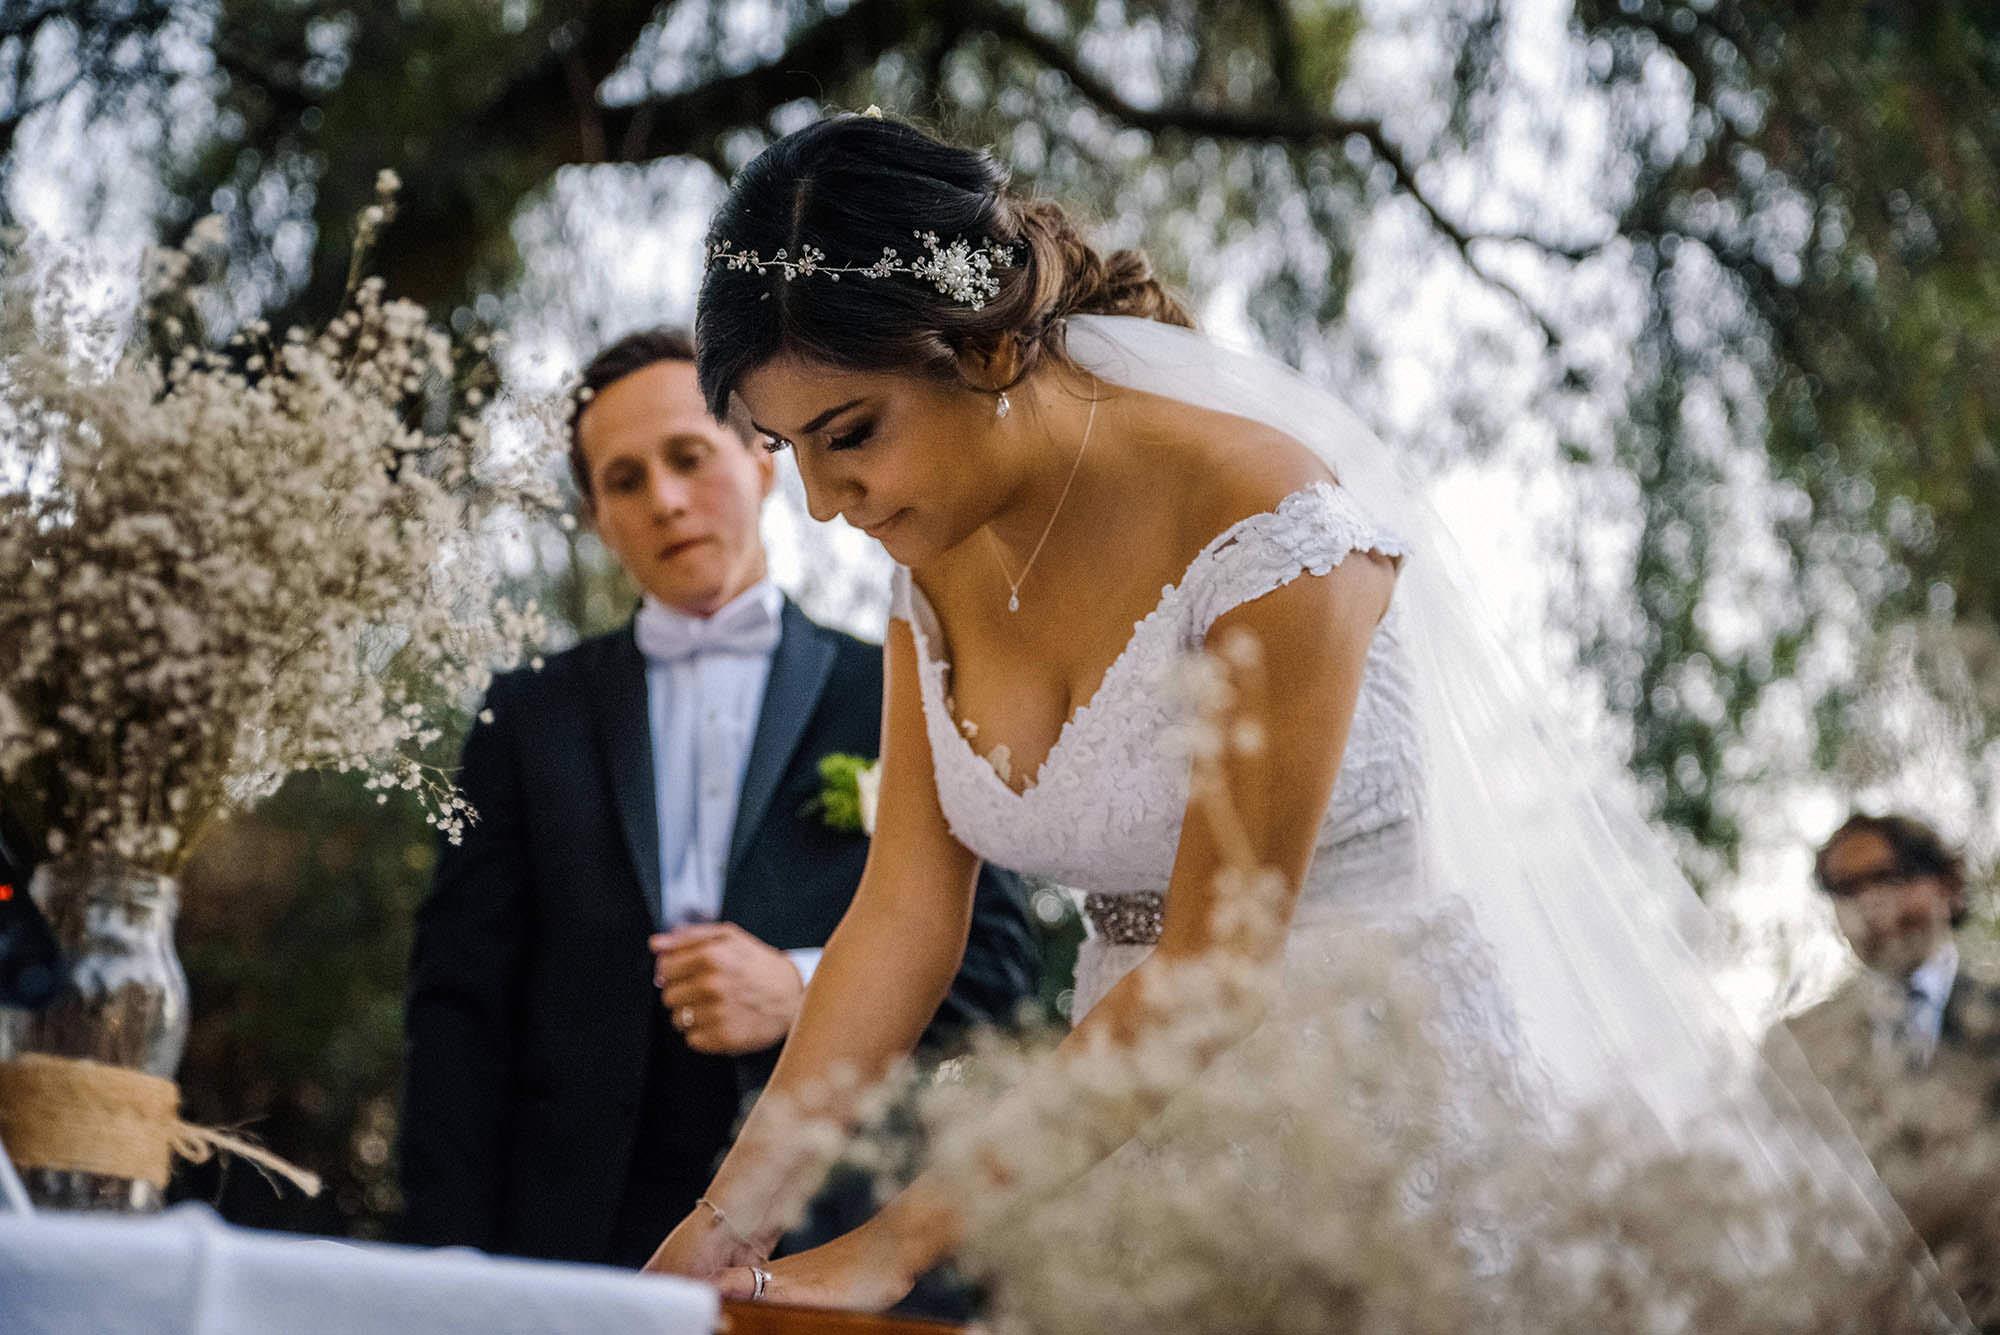 Boda Queretaro hacienda wedding planner magali espinosa fotografo 34-WEB.jpg